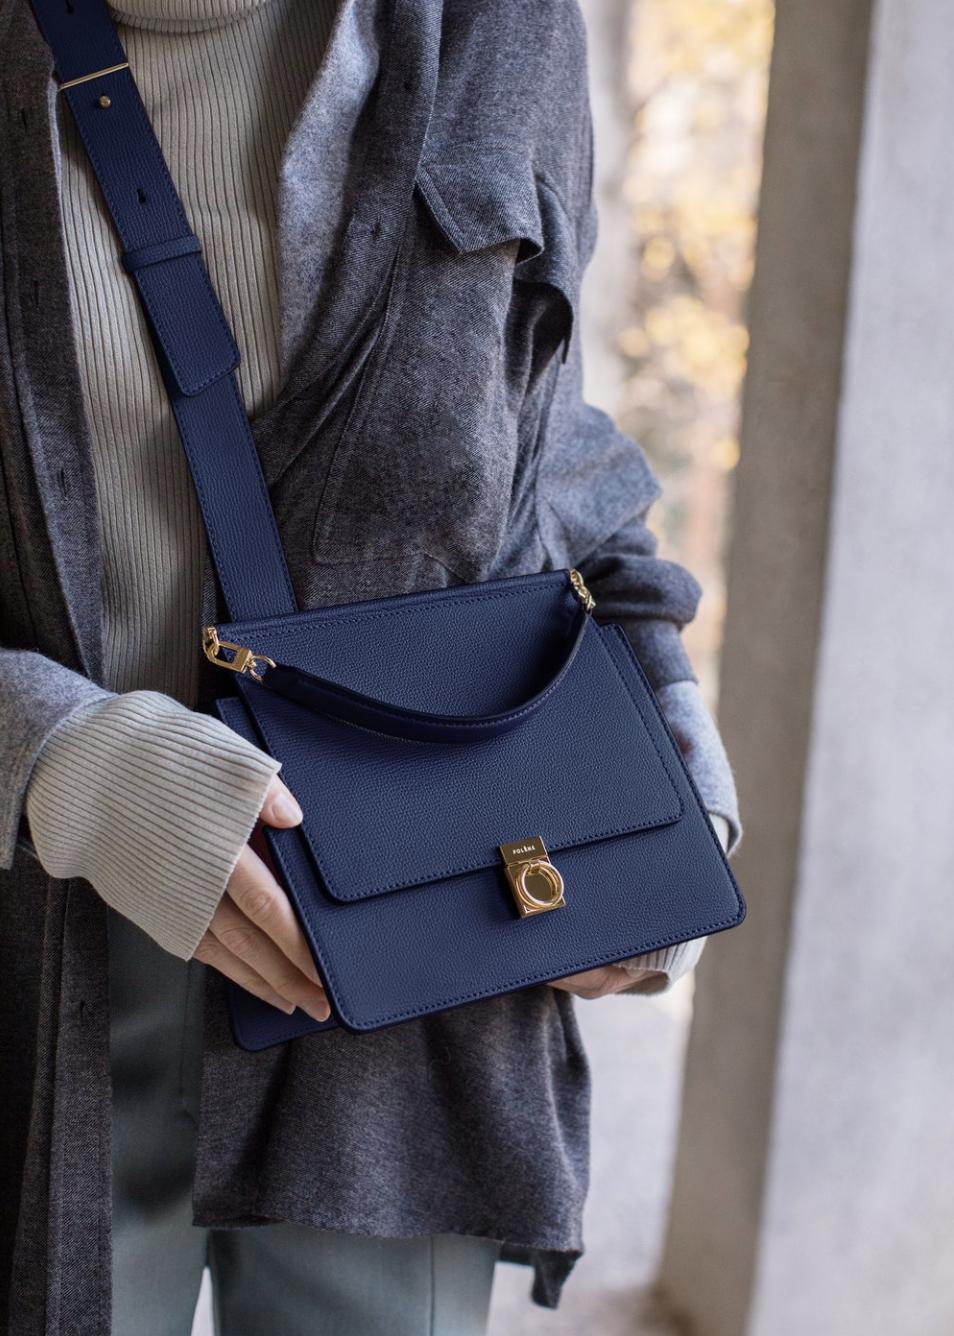 巴黎小眾品牌手袋 Polene,設計美學與皮革經驗兼容的家族品牌NUMBER SEVEN